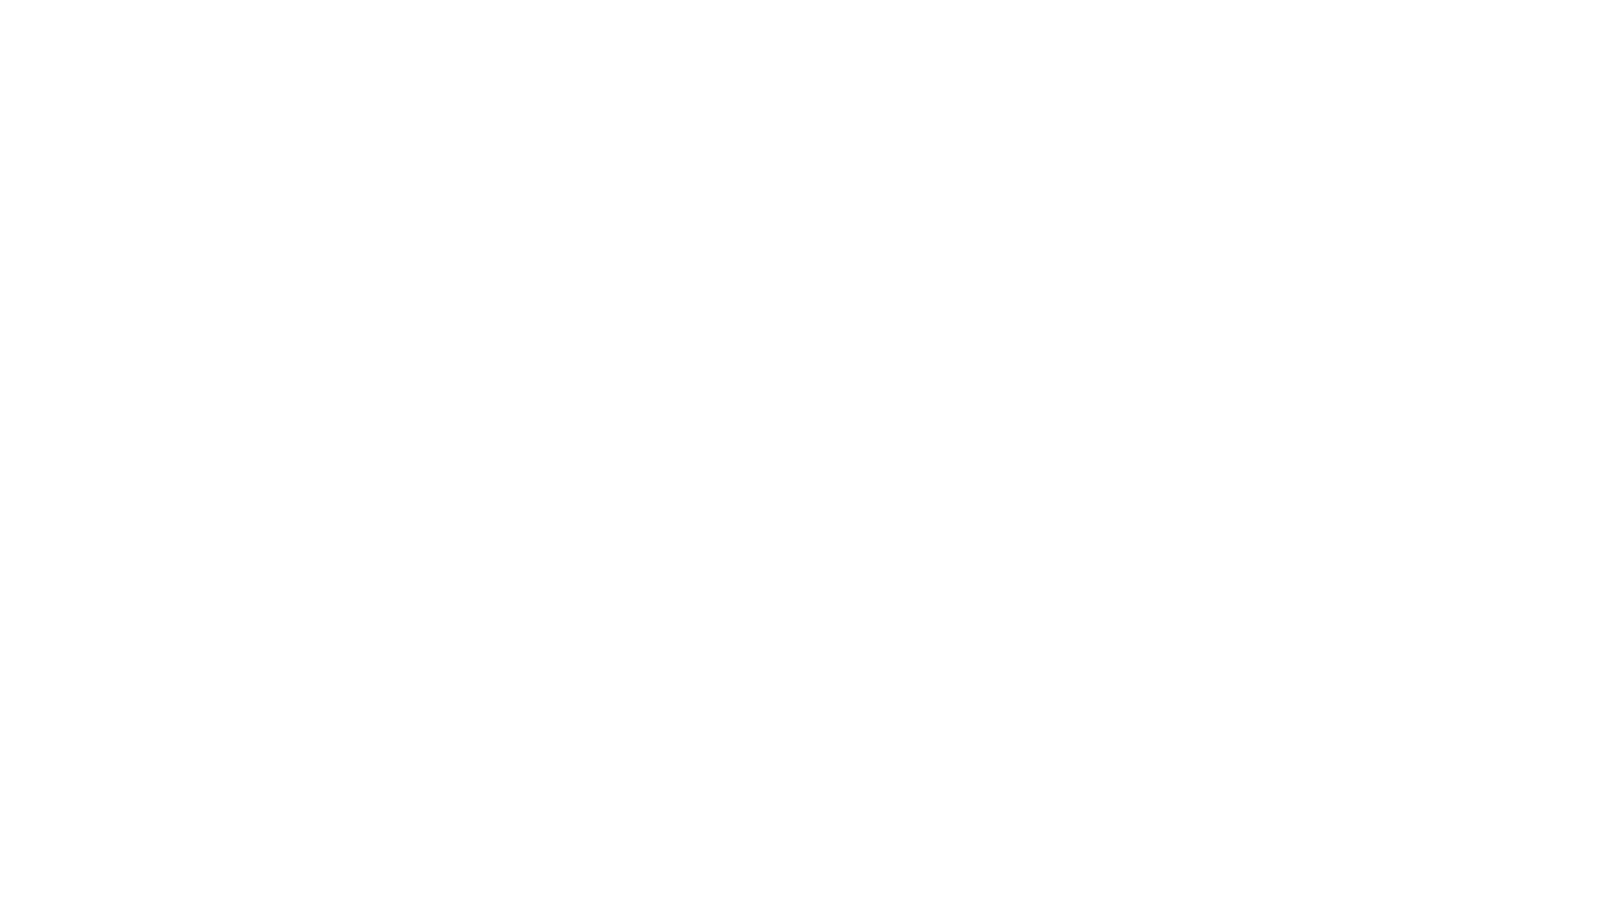 Rabu sore  Presiden Joko Widodo melantik Menteri Kabinet Indonesia Maju sisa masa jabatan periode 2019-2024 di Istana Negara. Menteri baru tersebut yakni Menteri Pendidikan dan Kebudayaan-Riset dan Teknologi (Dikbud Ristek) dan Menteri Investasi// Lalu Kepala Lembaga yang dilantik  yakni Kepala Badan Riset Inovasi Nasional (BRIN).  SUBSCRIBE ameg.tv  Official Youtube Channel: http://www.youtube.com/c/amegtv  facebook fans page : https://www.facebook.com/AremaTVofficial  Twitter:  https://twitter.com/arema_televisi  Facebook: https://www.facebook.com/ameg.tv  Instagram: https://www.instagram.com/ameg.tv/